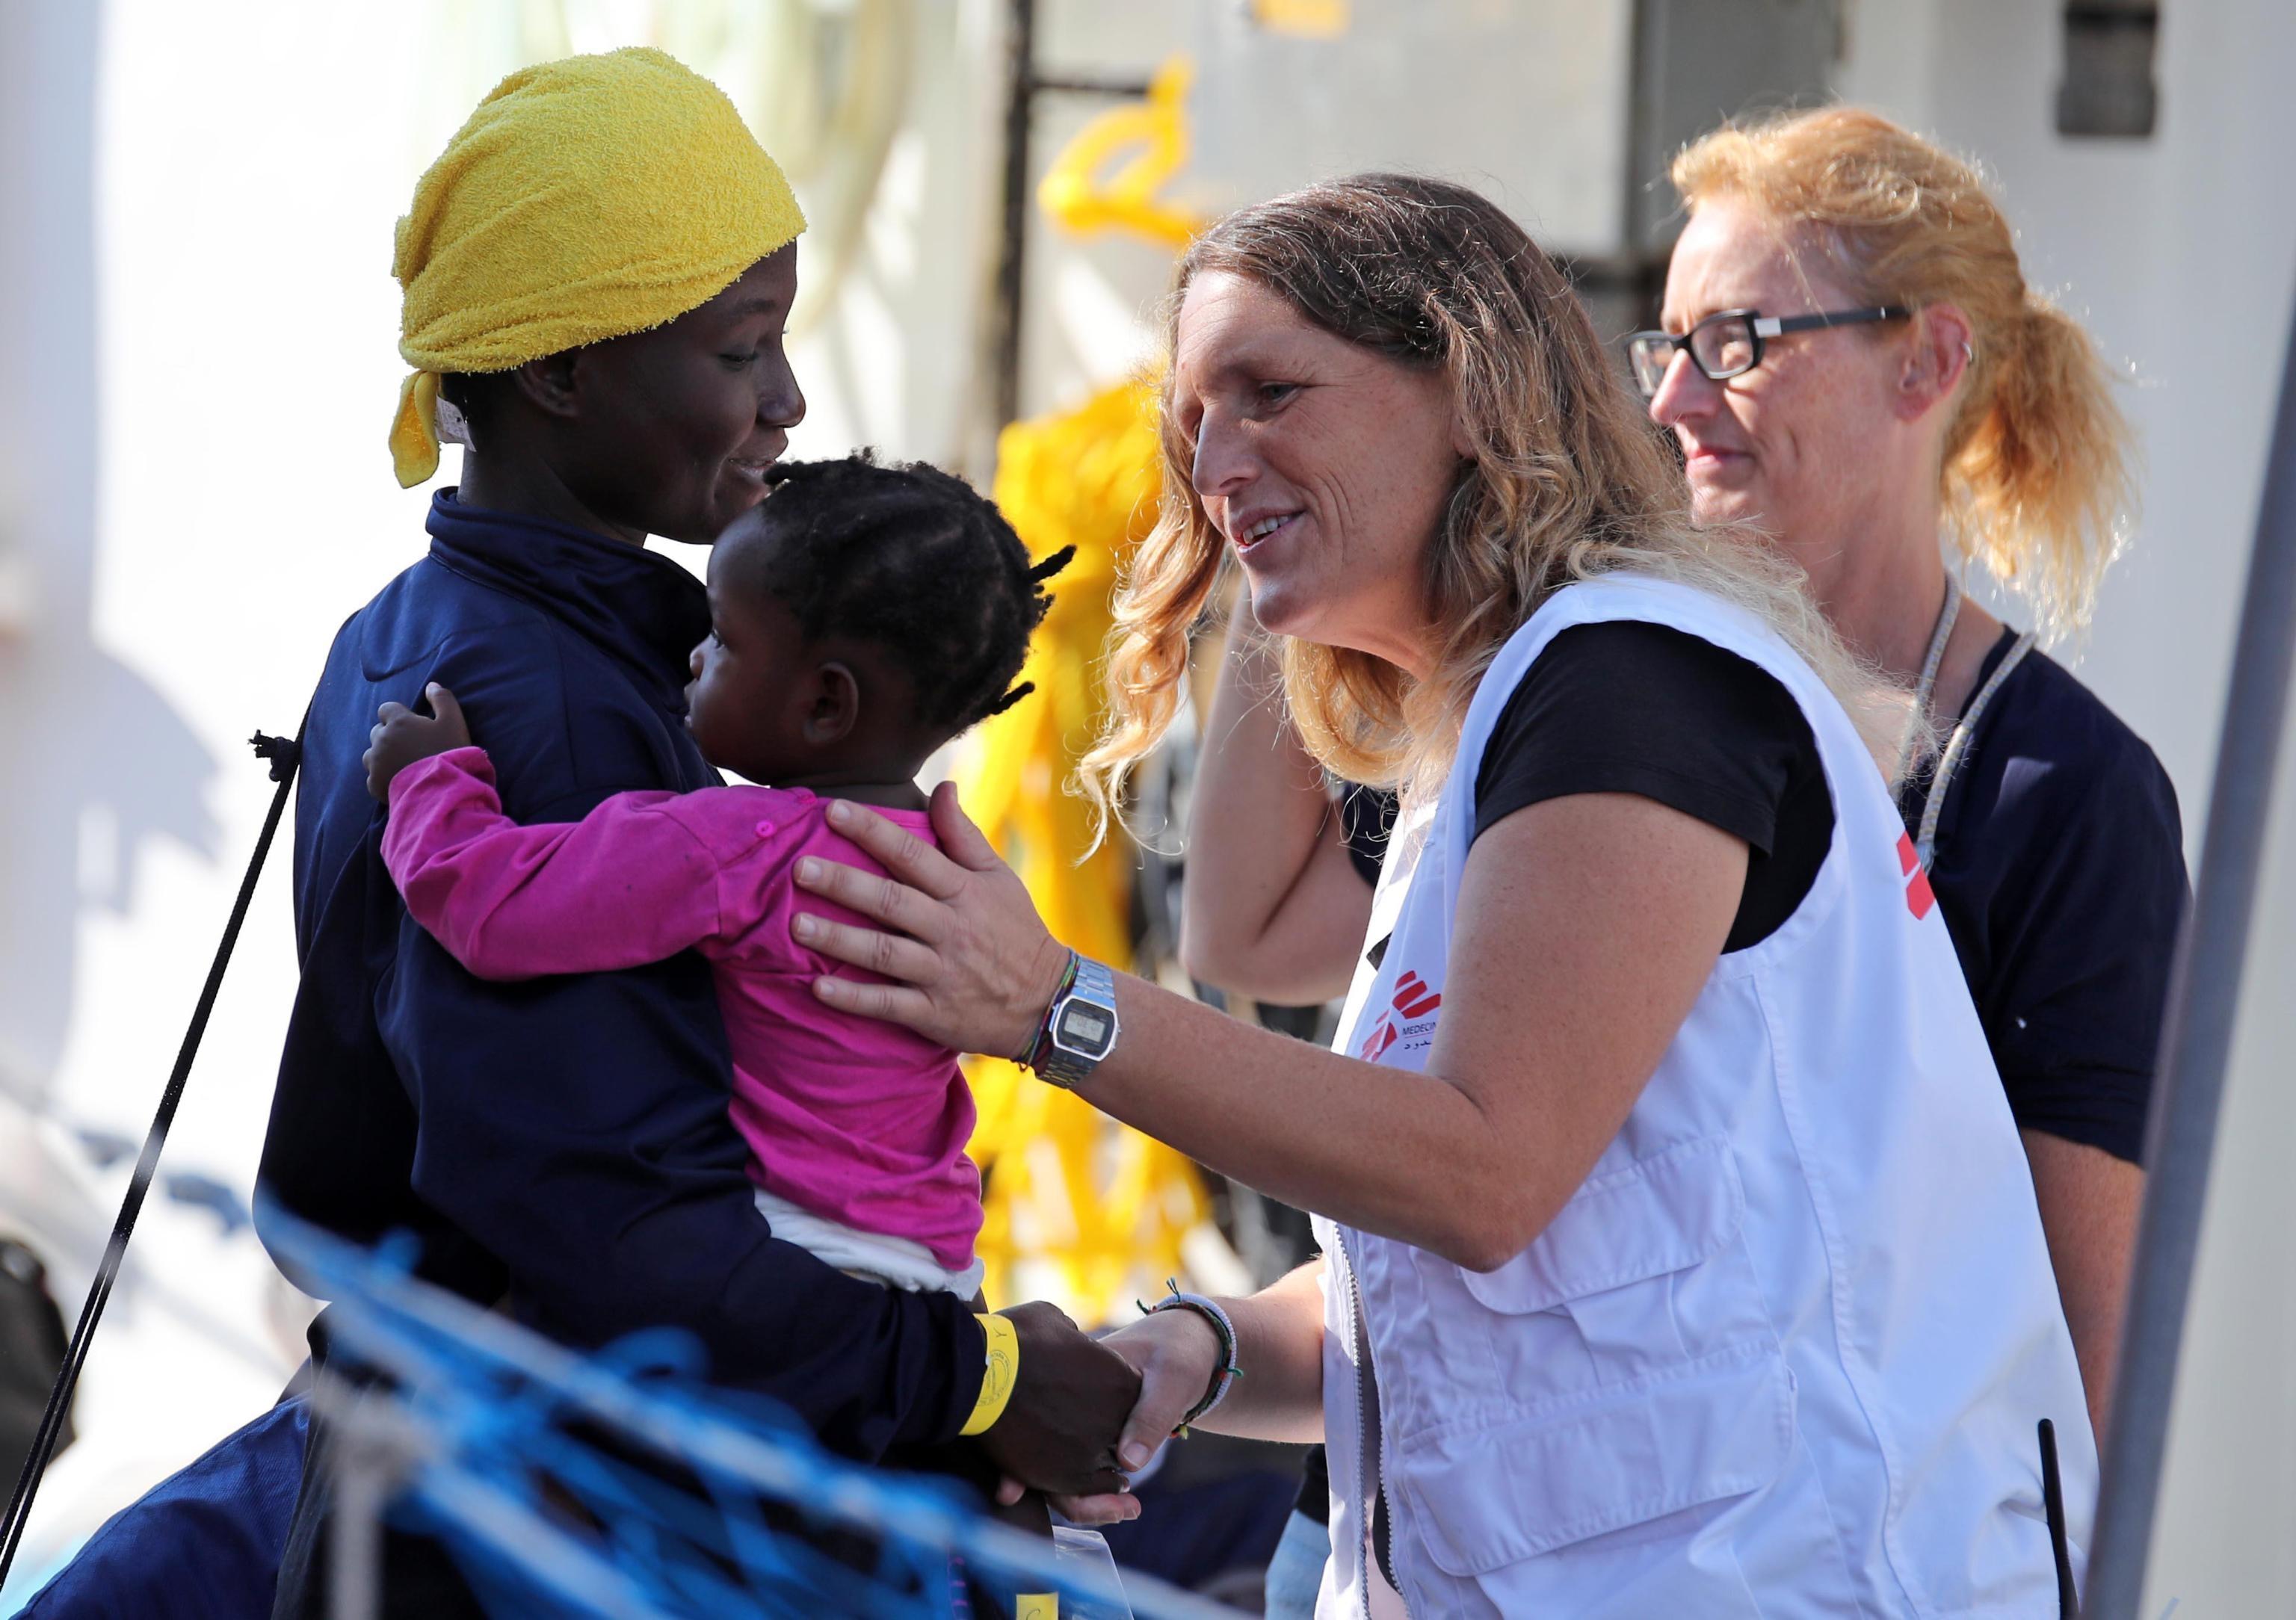 una-donna-col-suo-bambino-accolti-dai-medici-mentre-scendono-dalla-nave-aquarius-di-sos-mediterranee-con-a-bordo-604-migranti-foto-ansa